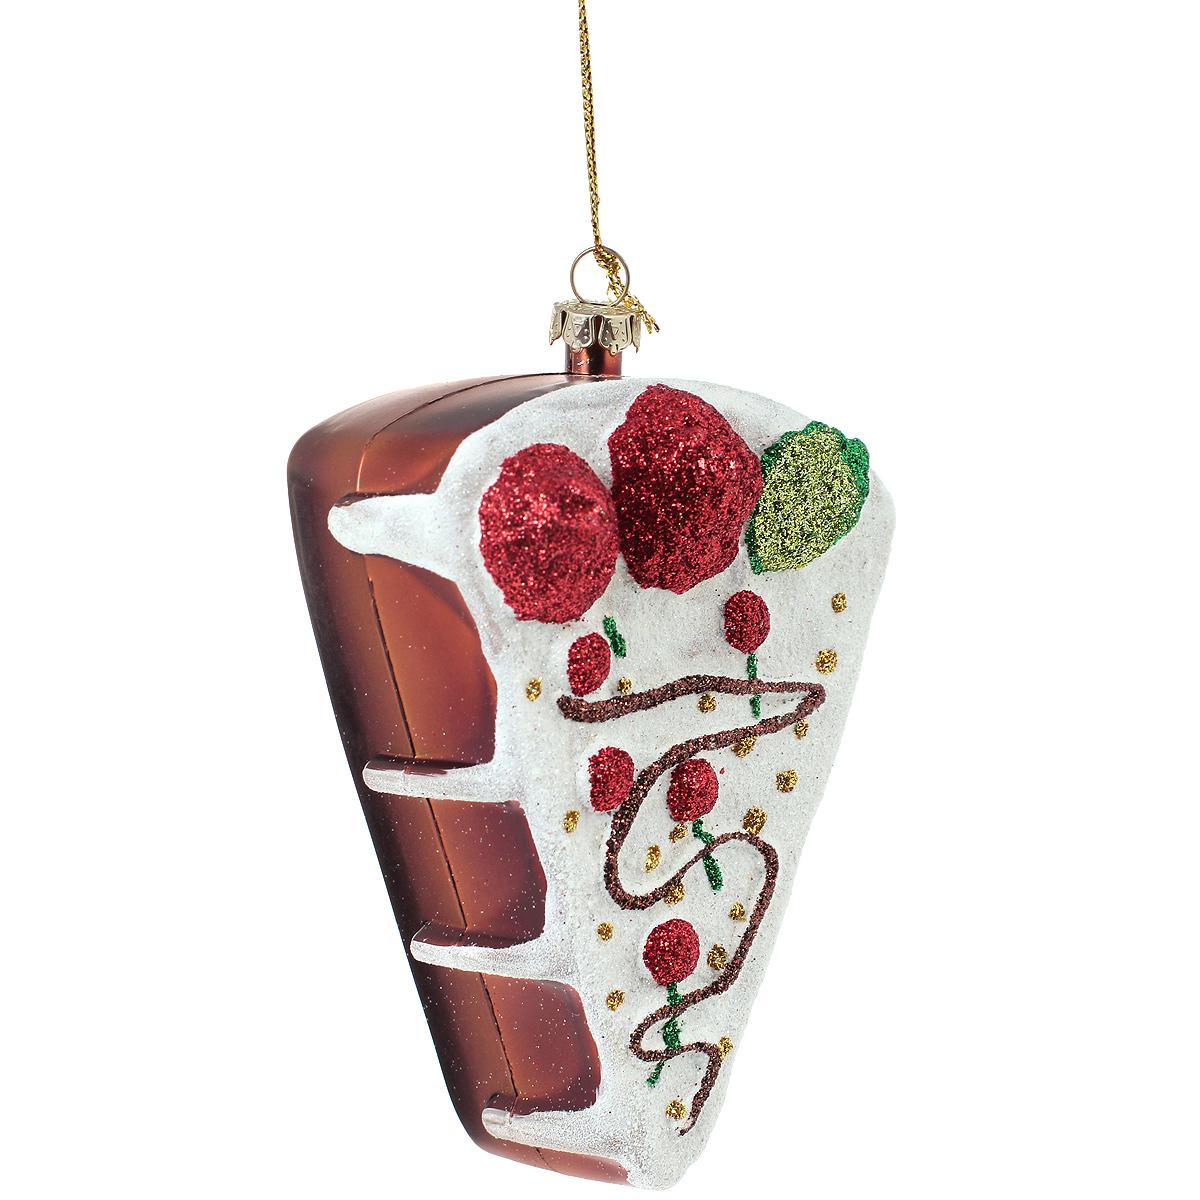 Новогоднее подвесное украшение Торт. 2589706008A7401Оригинальное новогоднее украшение из пластика прекрасно подойдет для праздничного декора дома и новогодней ели. Изделие крепится на елку с помощью металлического зажима.